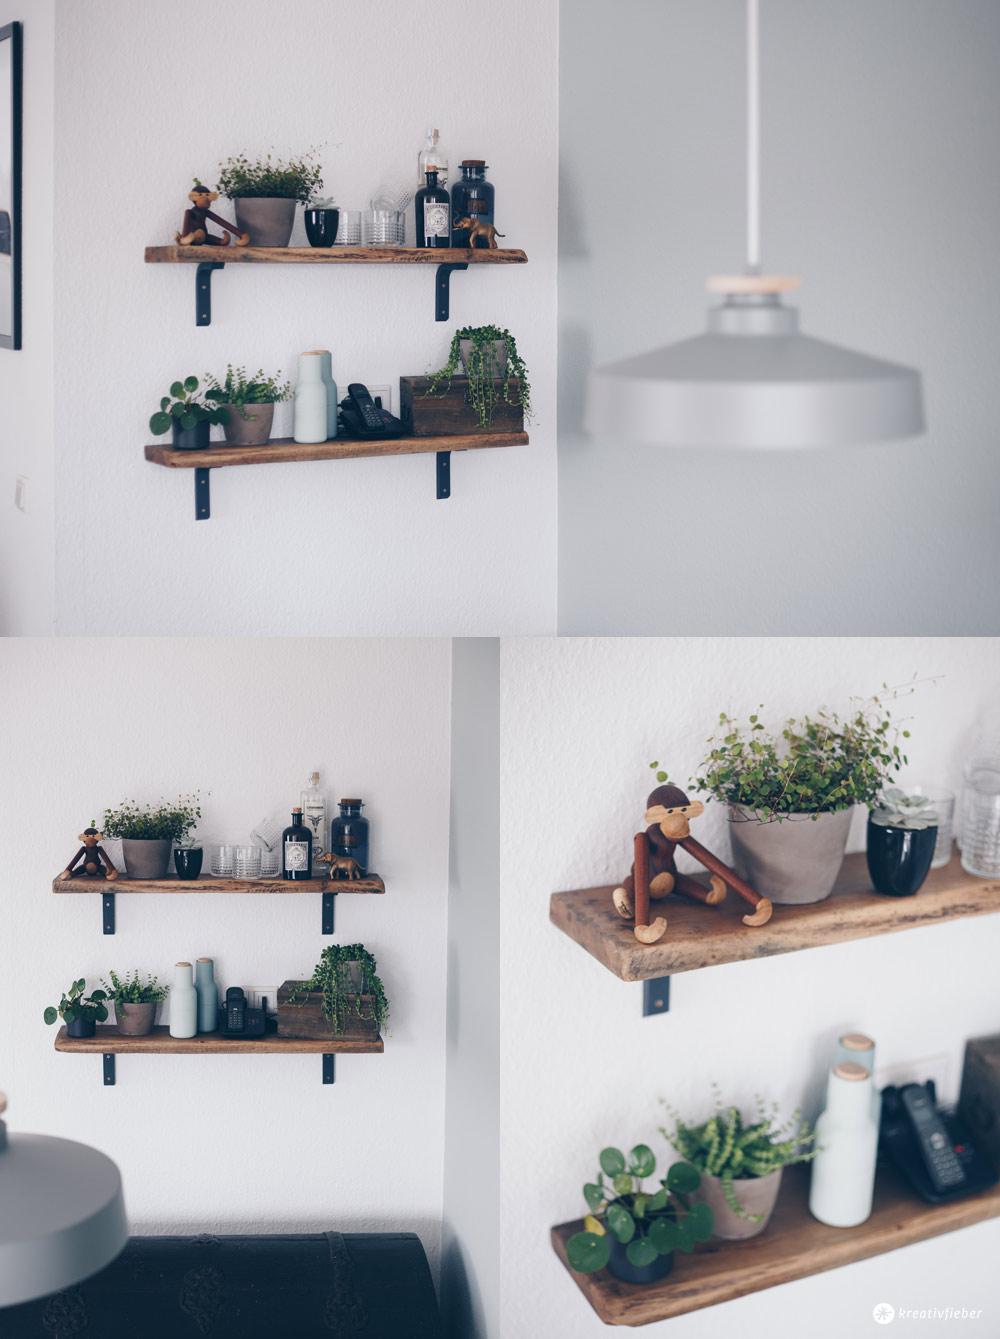 DIY Regal aus alten Holzdielen - altes Holz bearbeiten - Möbel selberbauen - Interior DIY Idee Urban Jungle Greenery